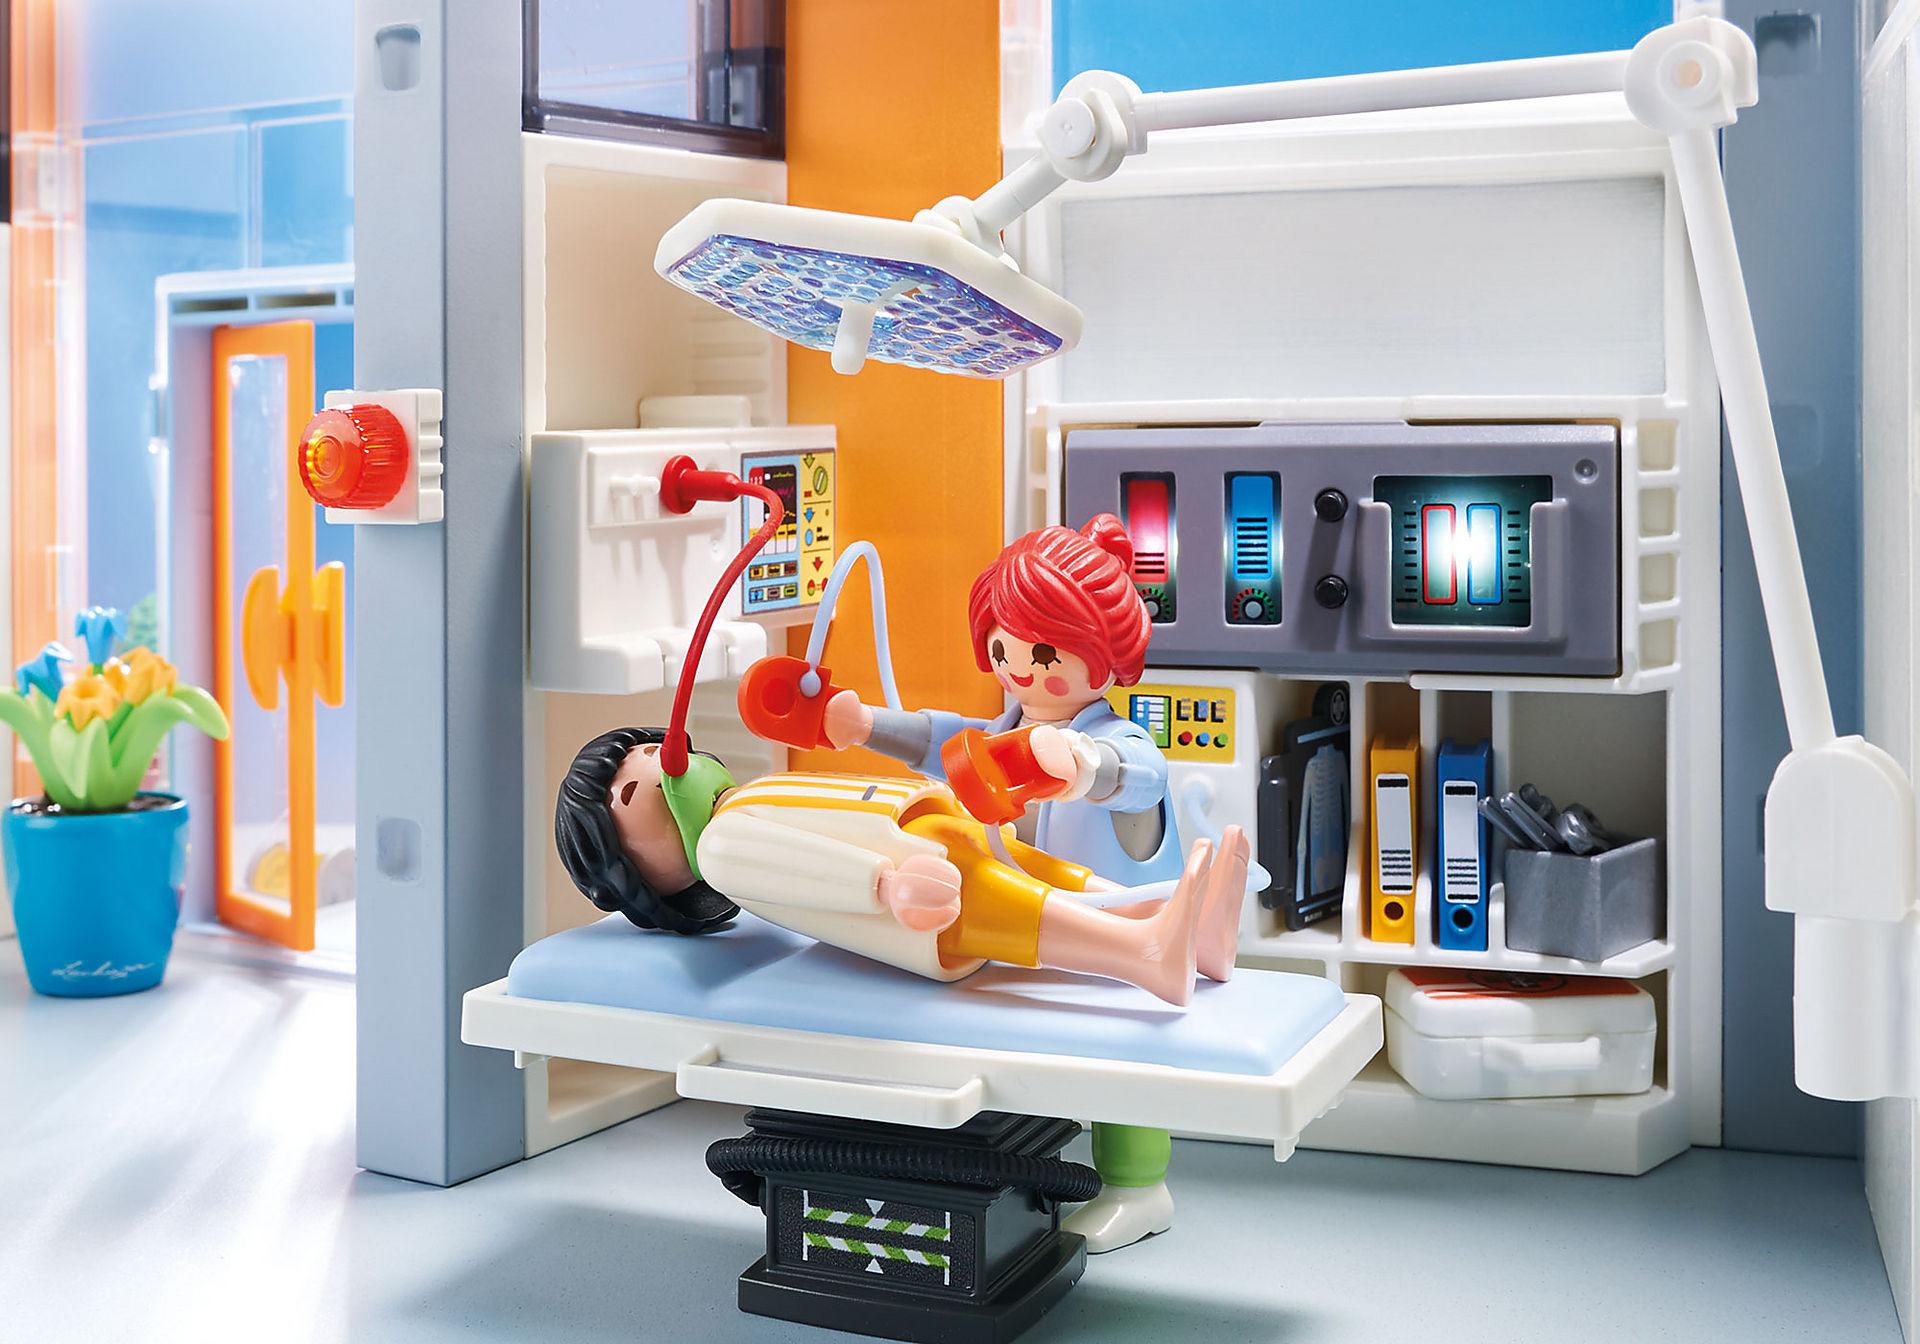 70190 Large Hospital zoom image5